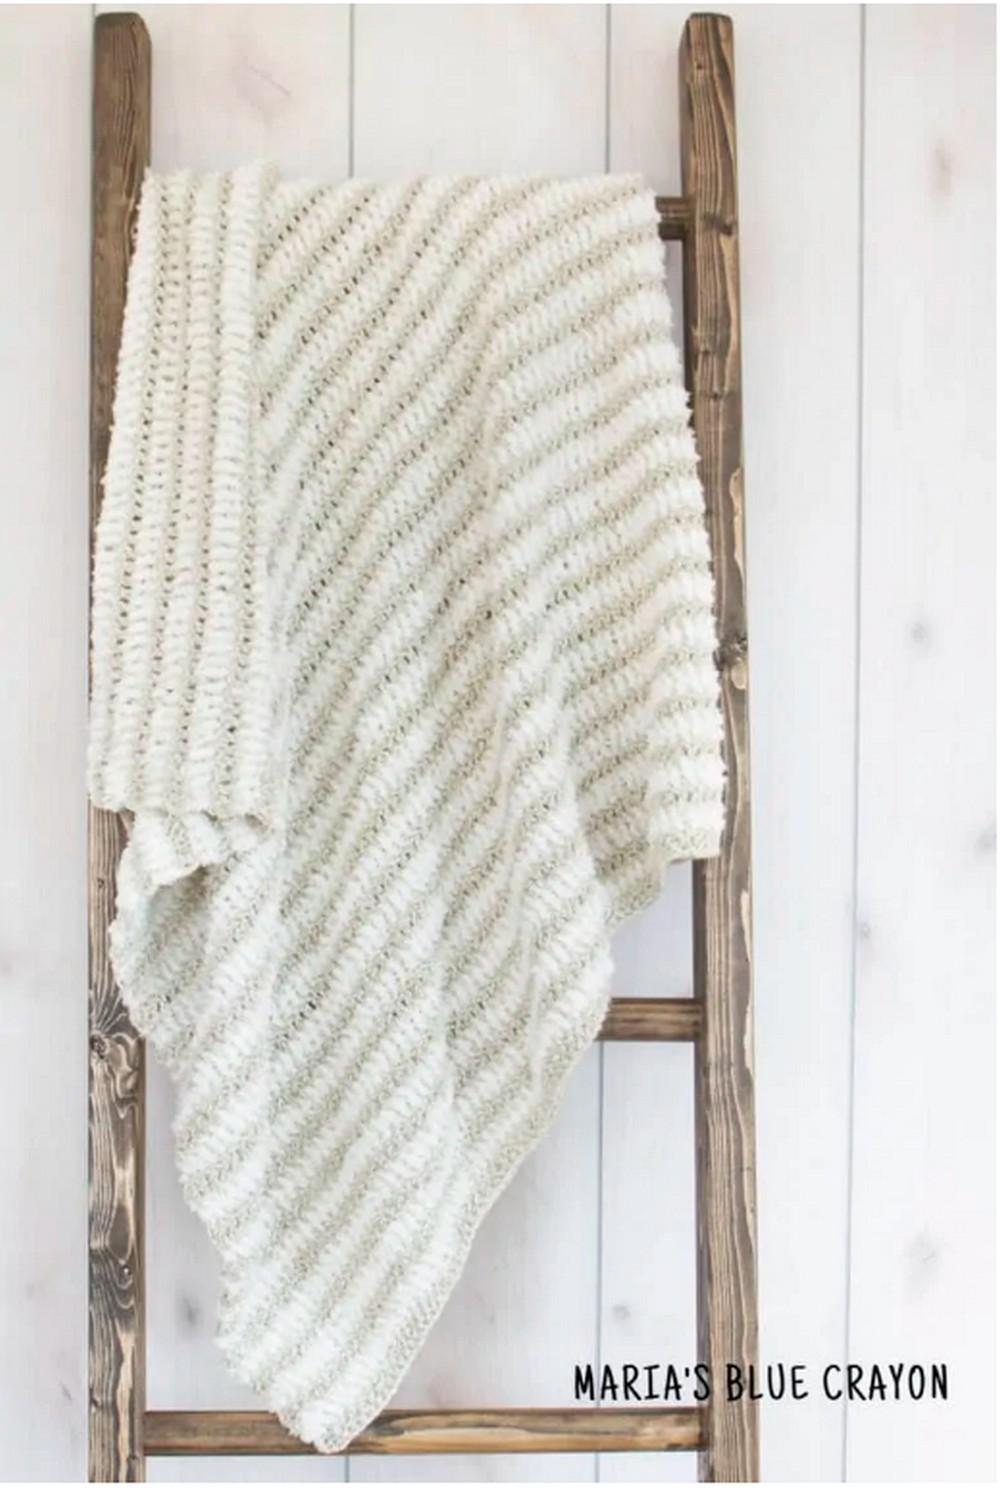 Easy Crochet Blanket Pattern In All Sizes